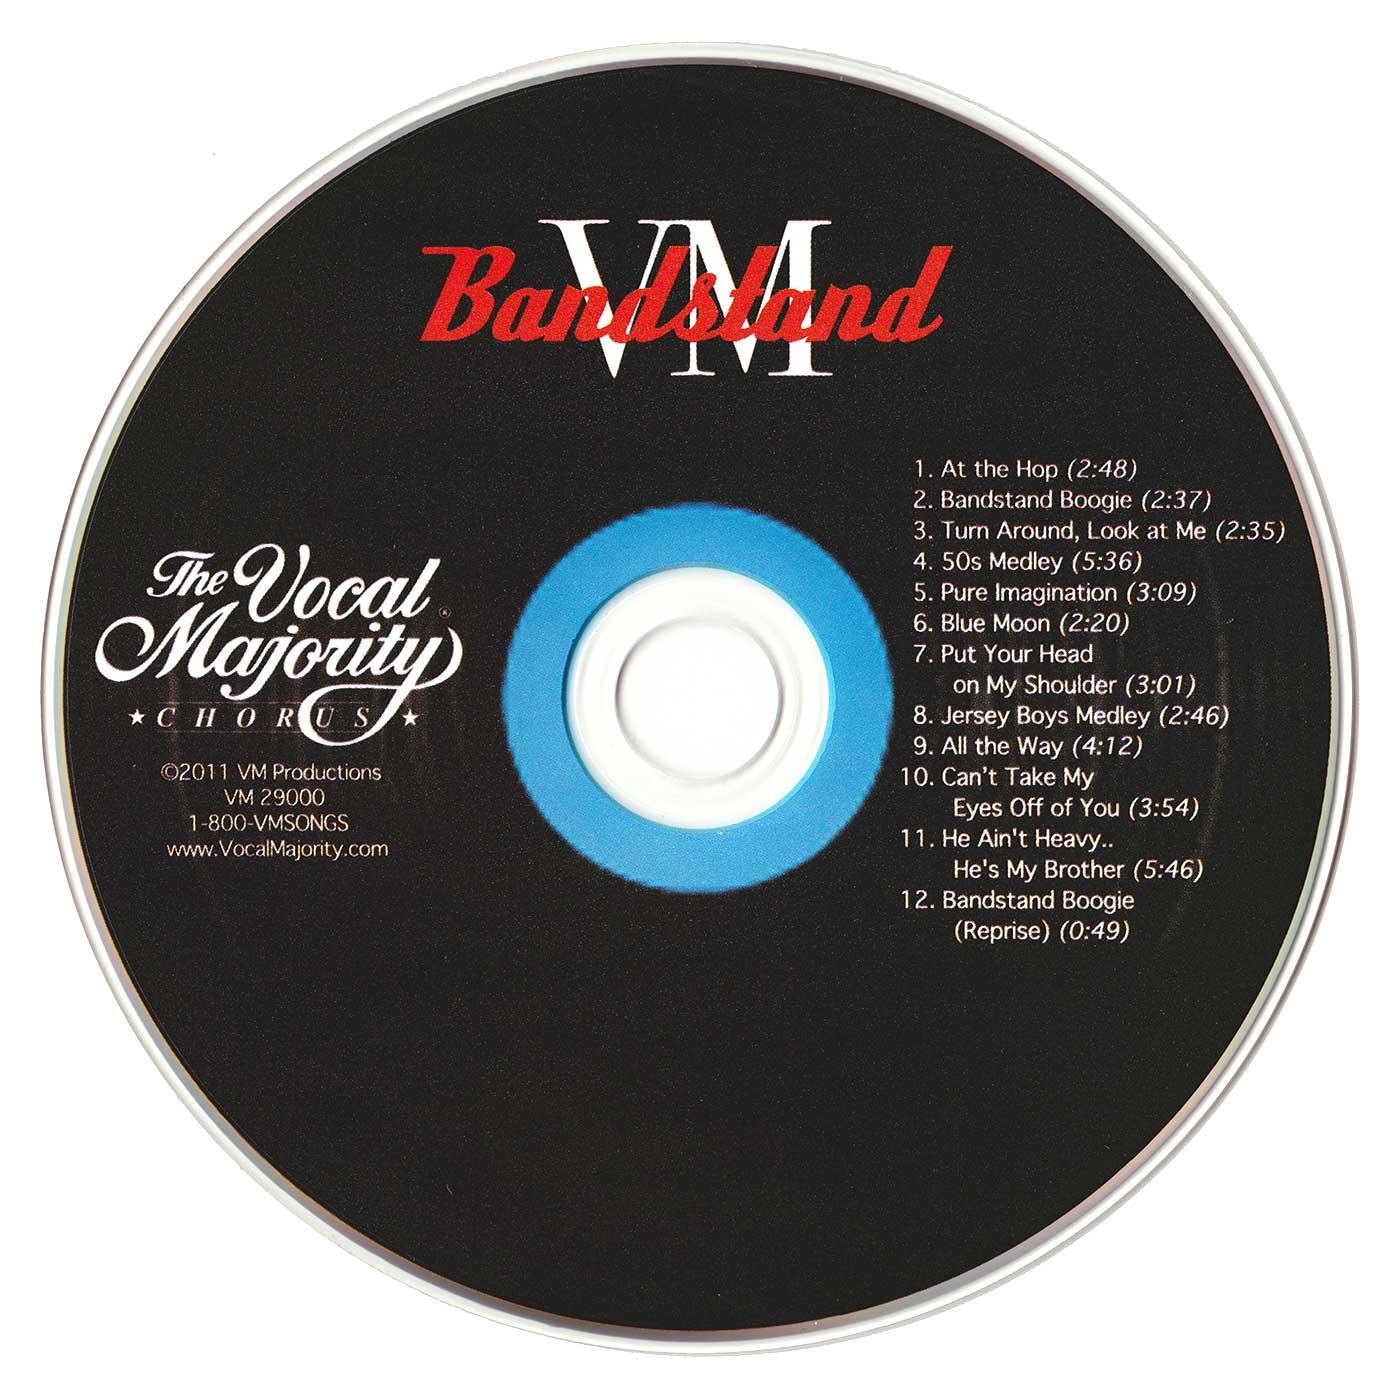 Disc Art: VM Bandstand